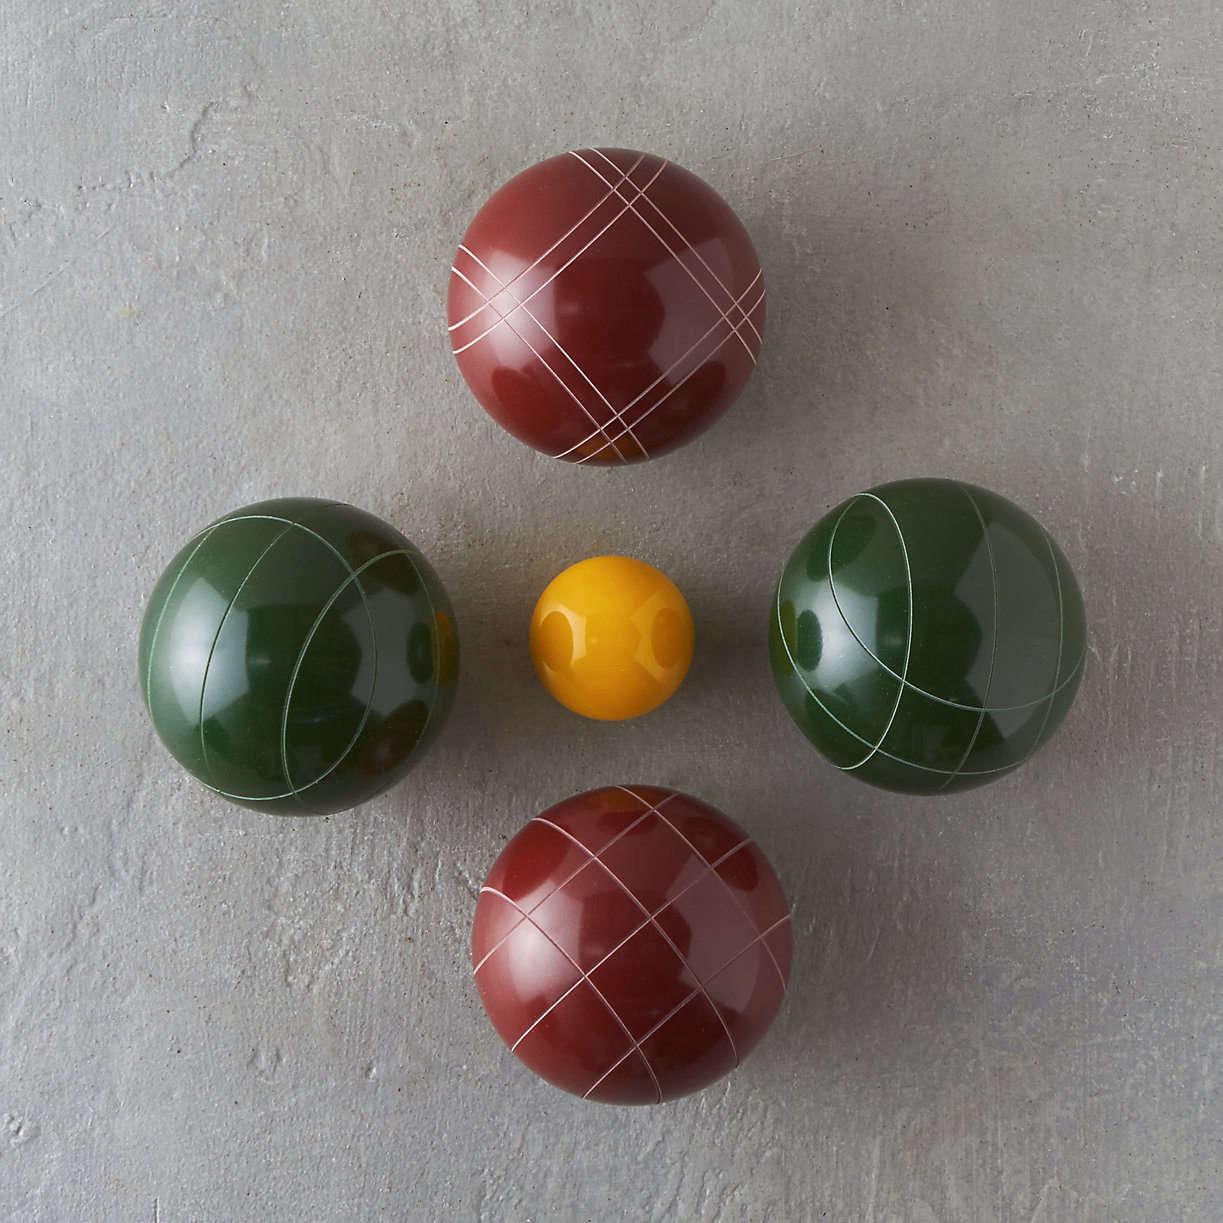 这个箱子里有一枚铁球,一枚球,包括一枚火柴,包括一枚铁球,一枚铁球,还有一枚红球球!在周三的价格上。